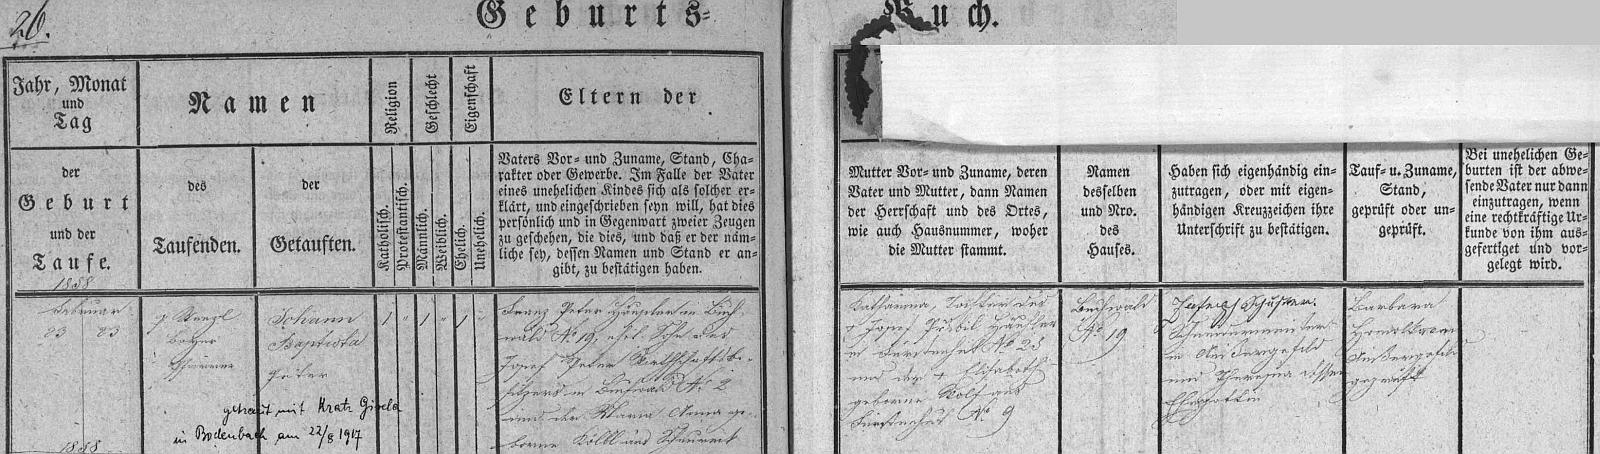 Záznam z farní matriky v Knížecích Pláních uvádí datum narození i křtu (téhož dne) chlapce, který dostal jméno Johann Baptista Peter, jehož matka byla rozená Přibilová z Knížecích Plání a který se v srpnu 1917 oženil v Podmoklech sGiselou Kratzovou